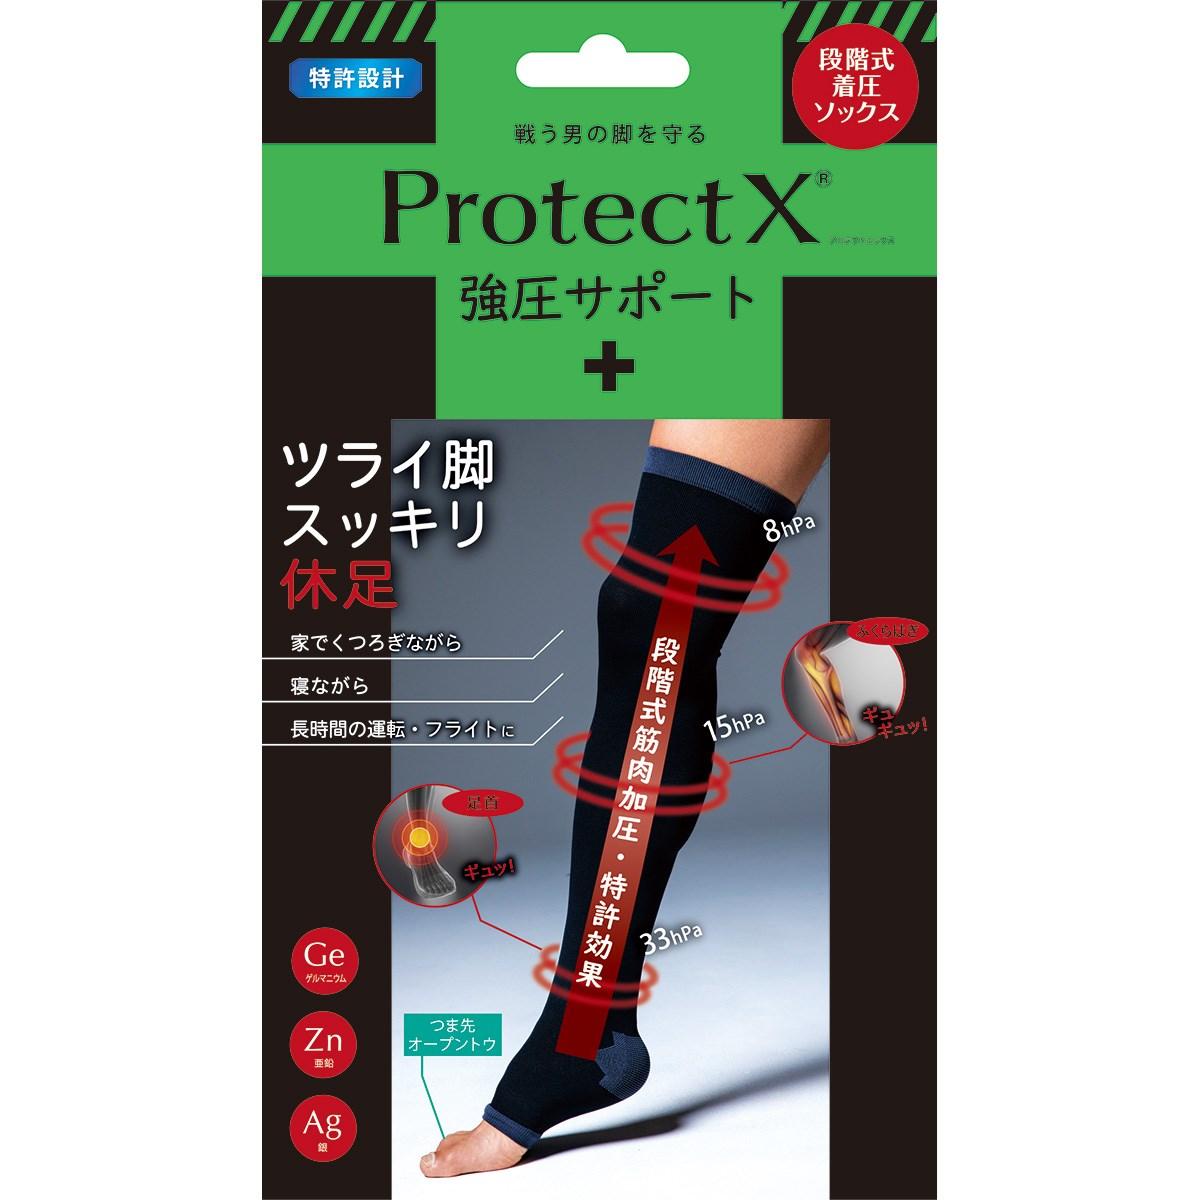 プロテクトX リカバリーニーハイソックス